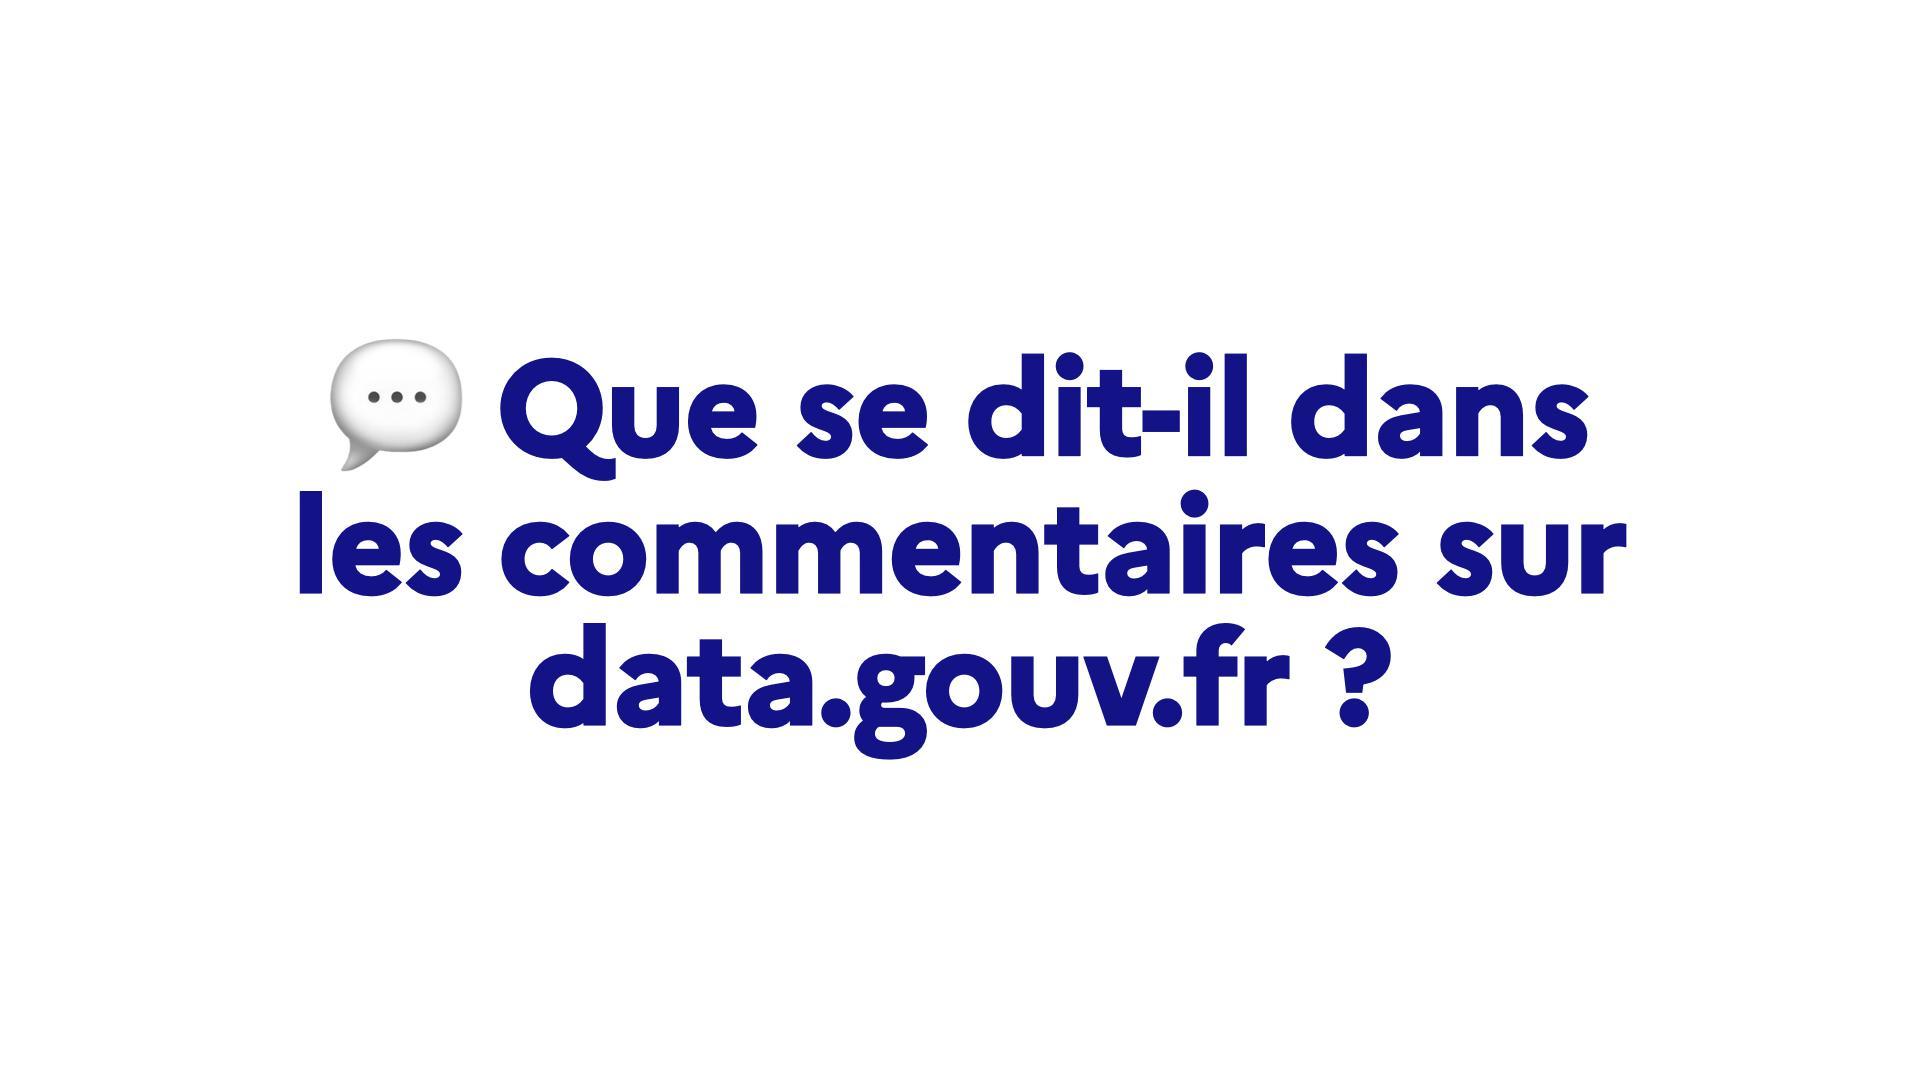 Que se dit-il dans les commentaires sur data.gouv.fr ?